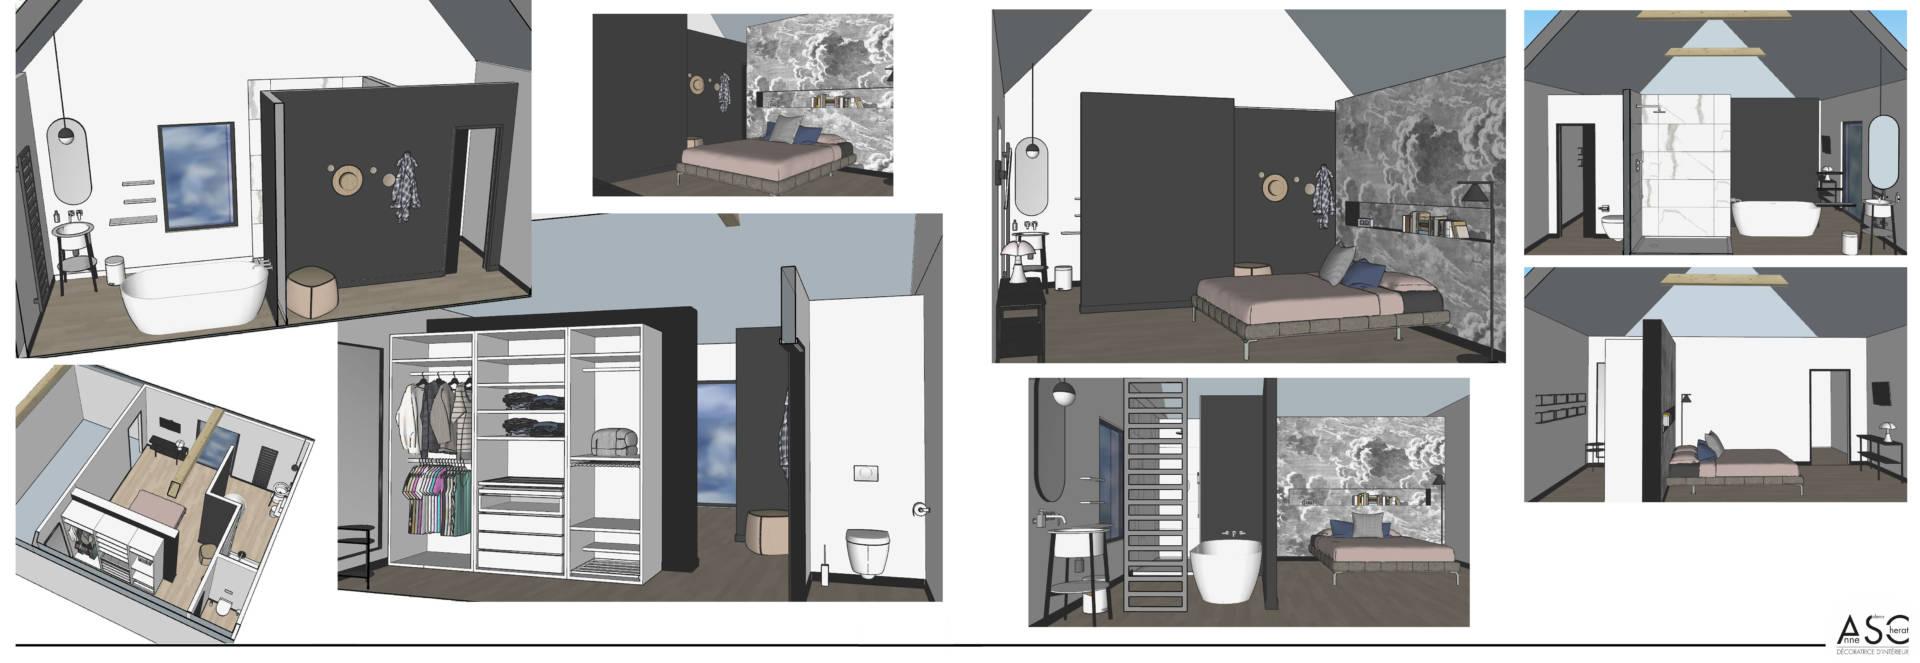 Visuels 3D pour une suite parentale à Belle en Mer par Anne Solenn Chérat, Décoratrice UFDI sur Lorient, Vannes, Pontivy